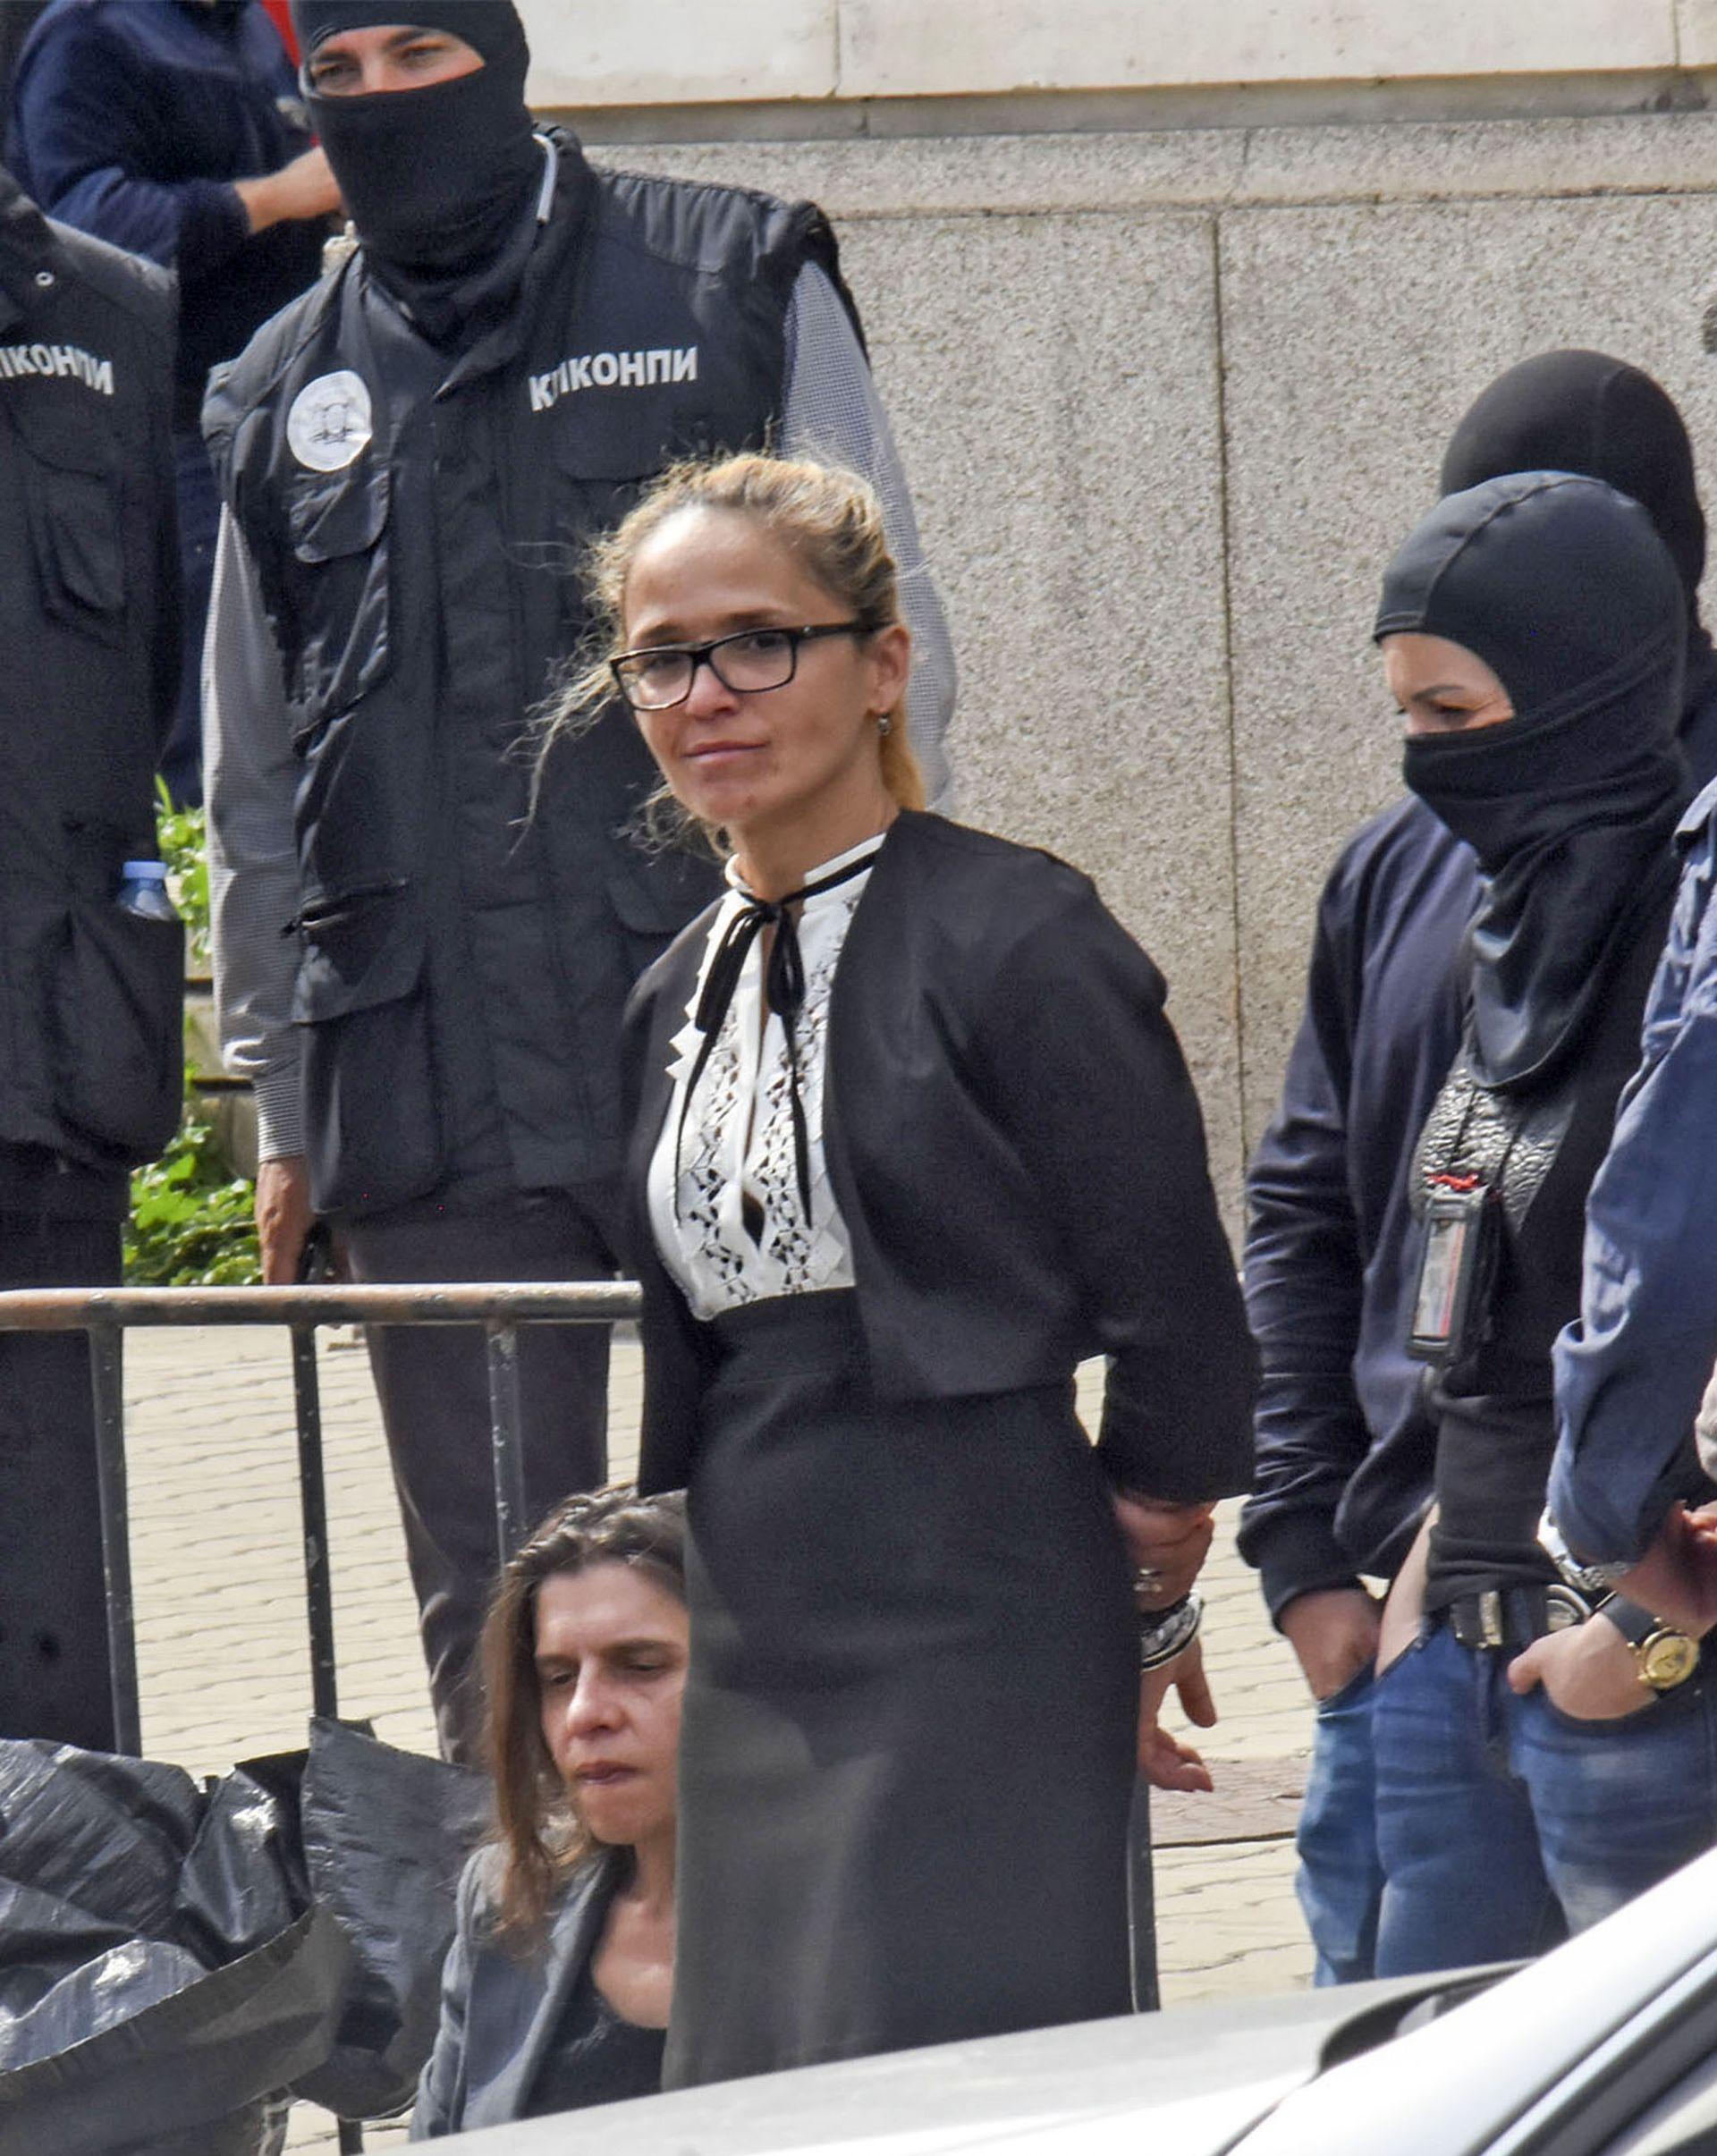 """Зрелищният арест на кметицата на столичния район """"Младост"""" Десислава Иванчева през април"""